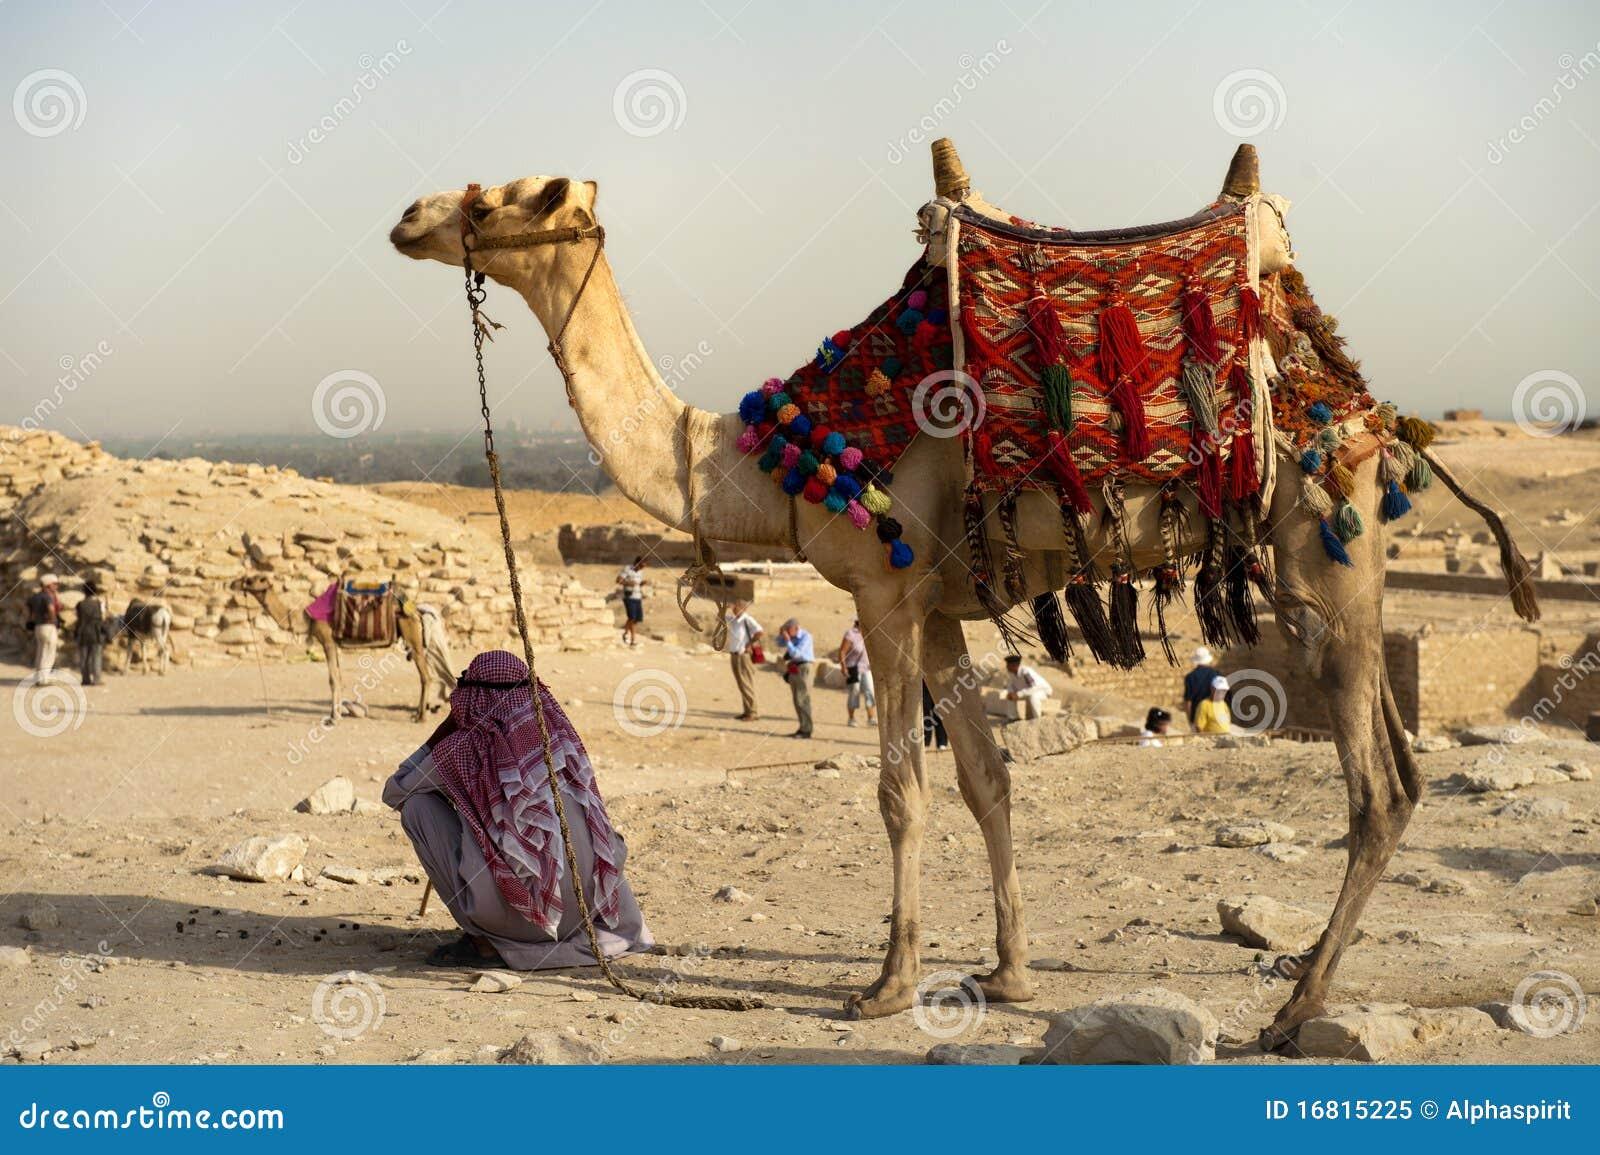 Kameel op woestijn